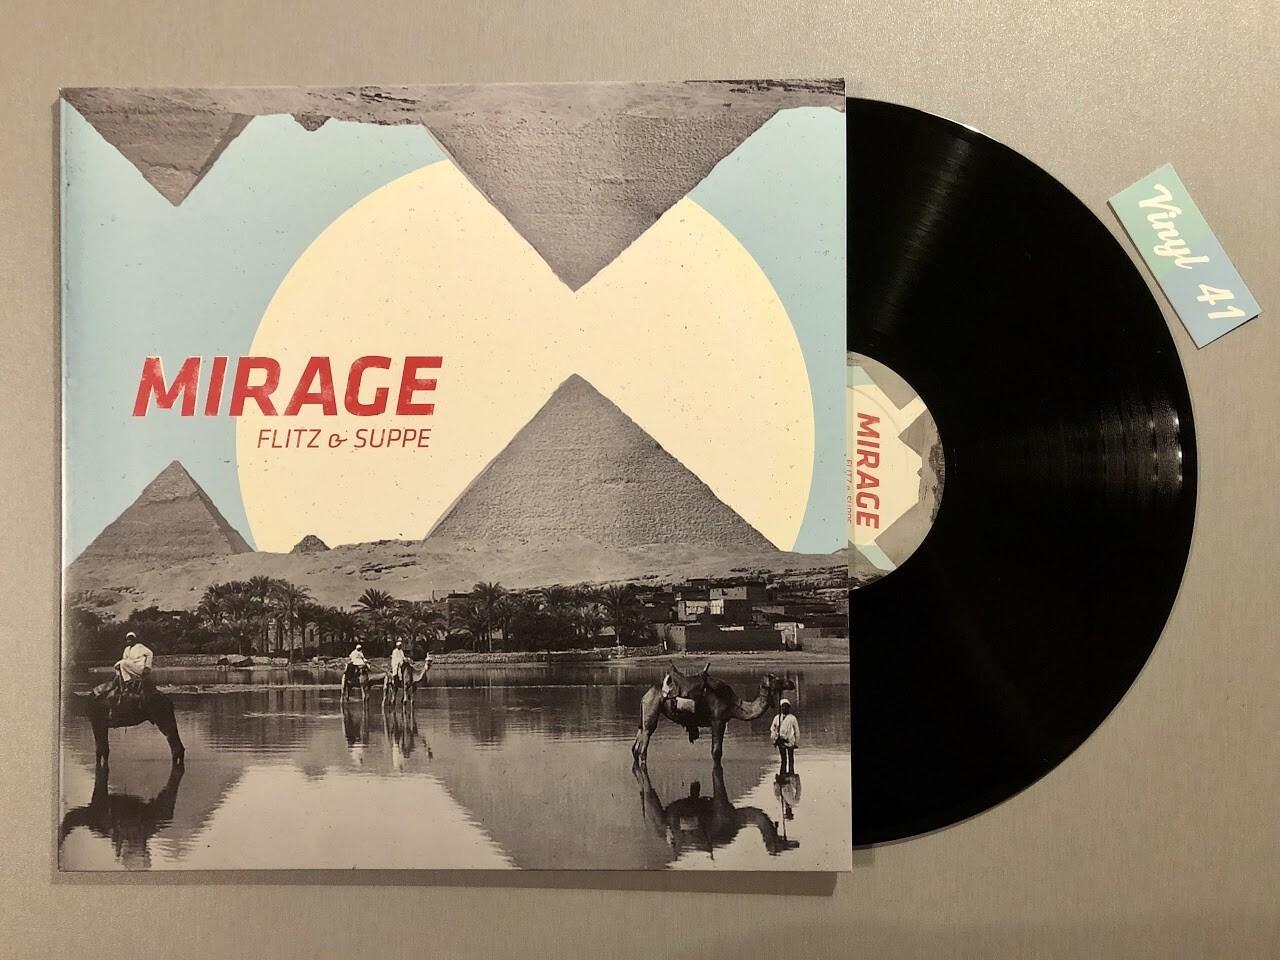 Flitz&Suppe - Mirage